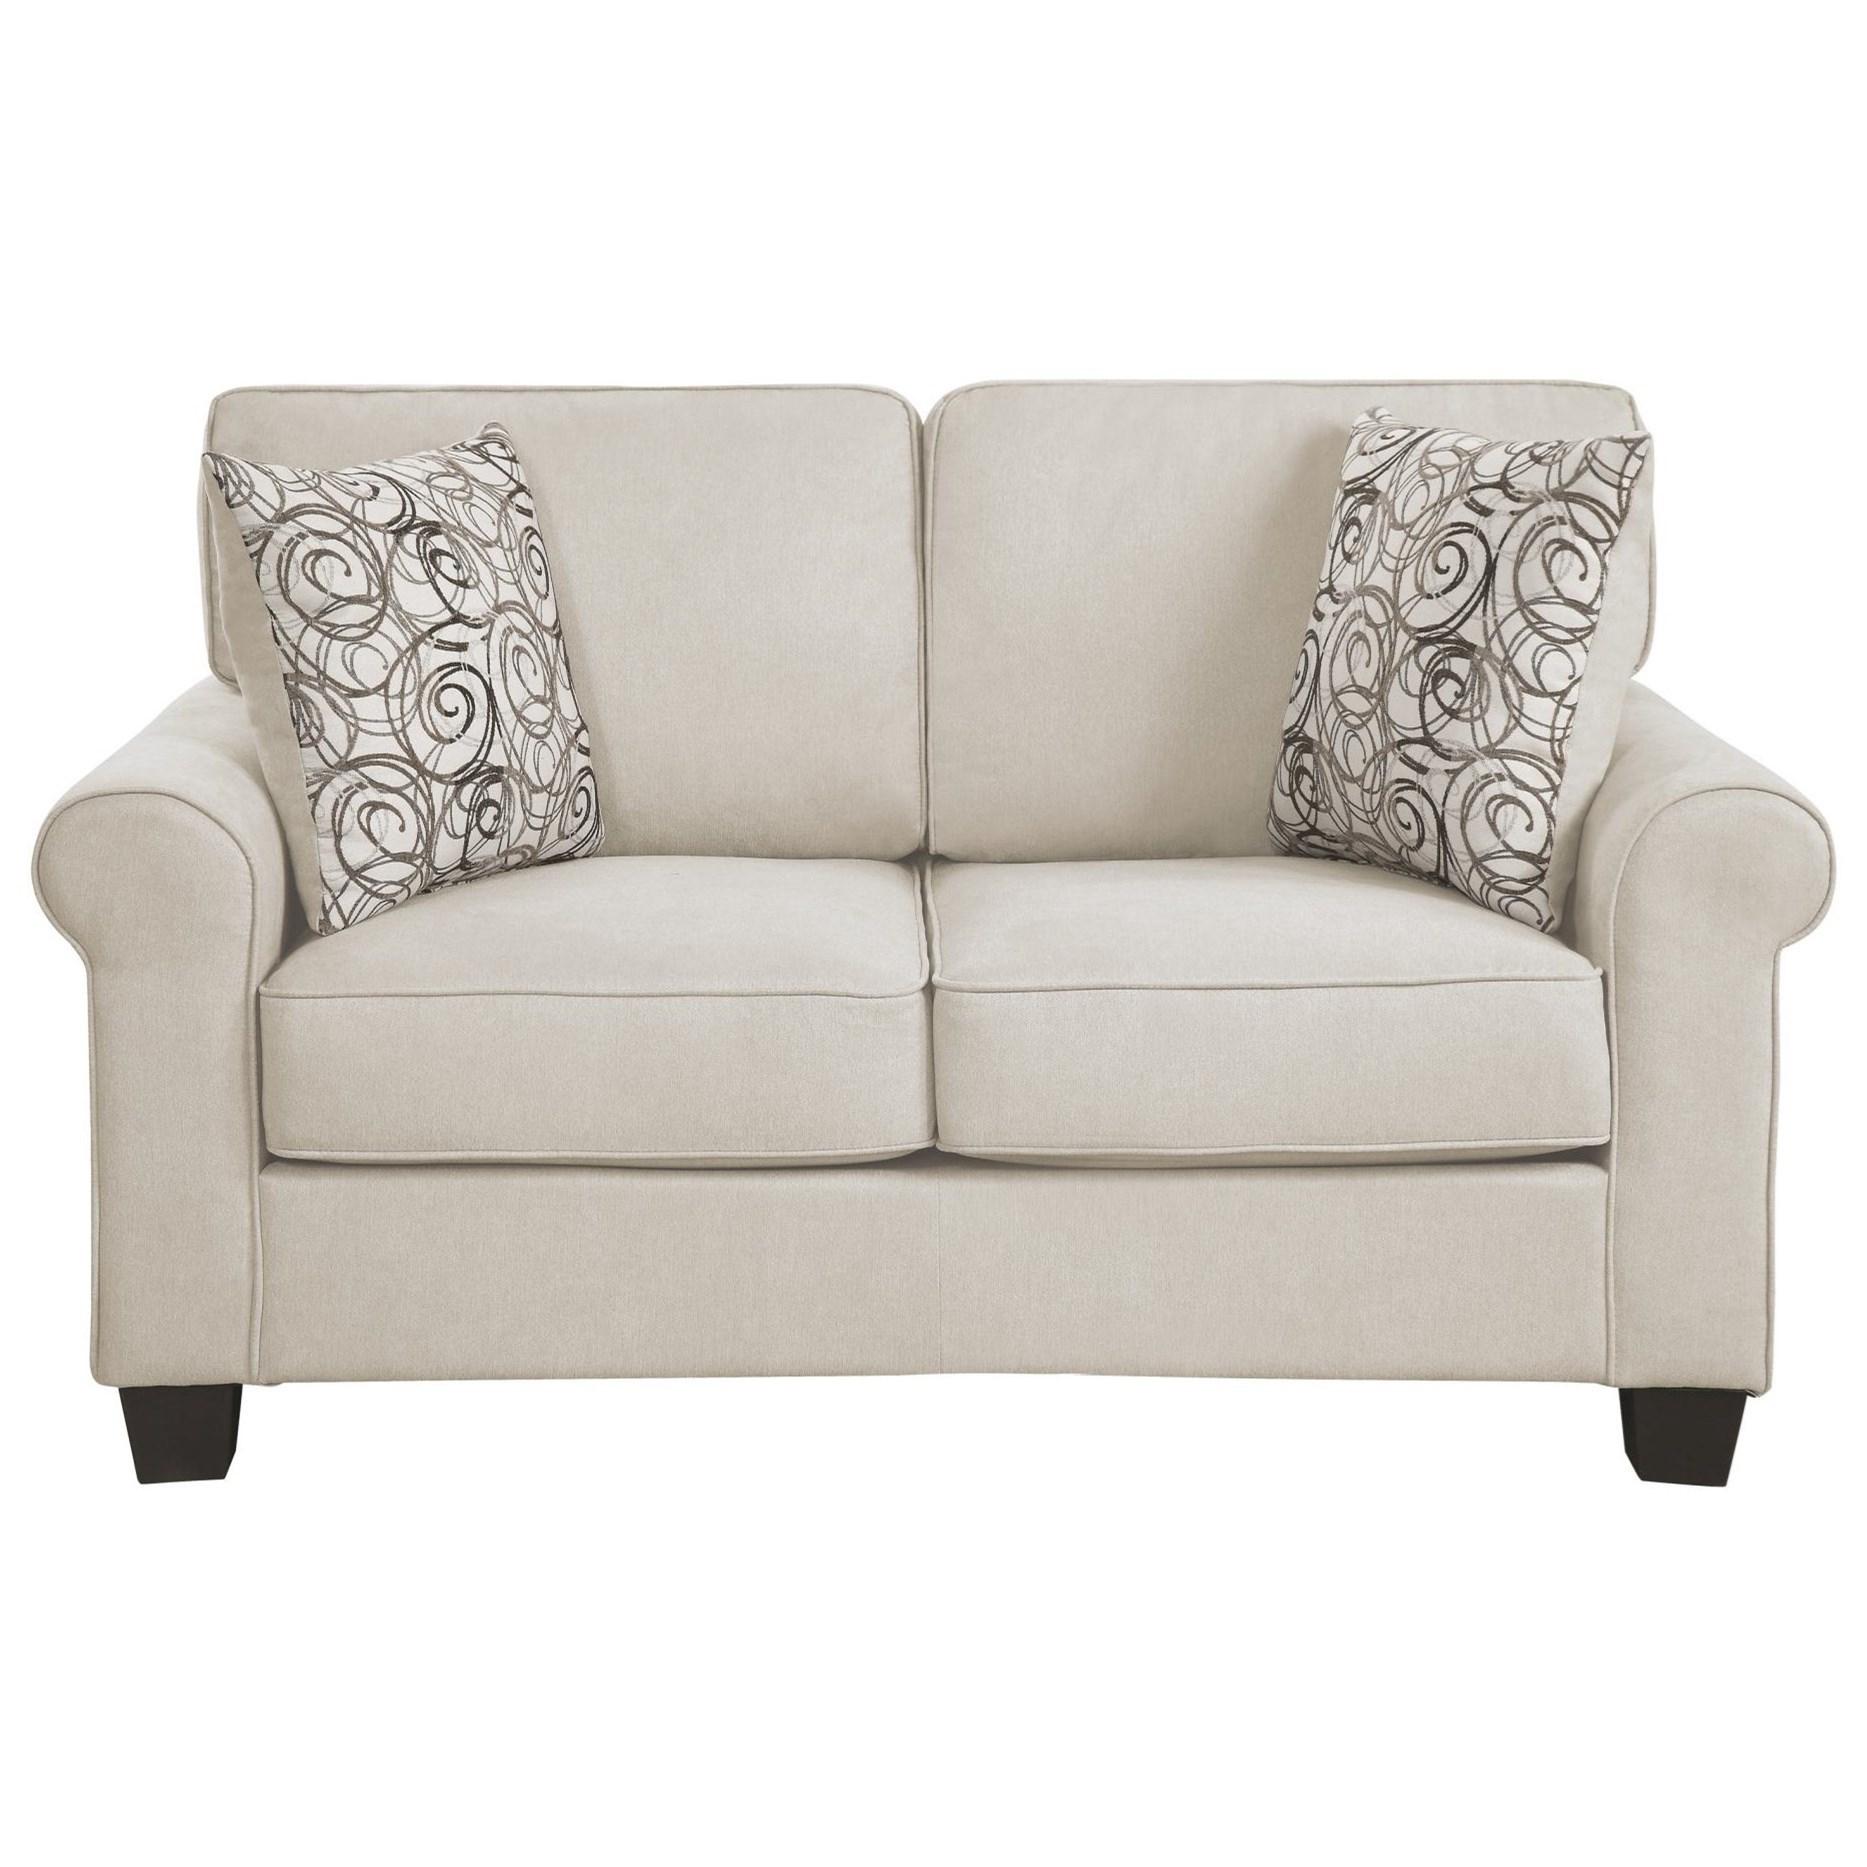 Homelegance Selkirk Love Seat - Item Number: 9938SN-2